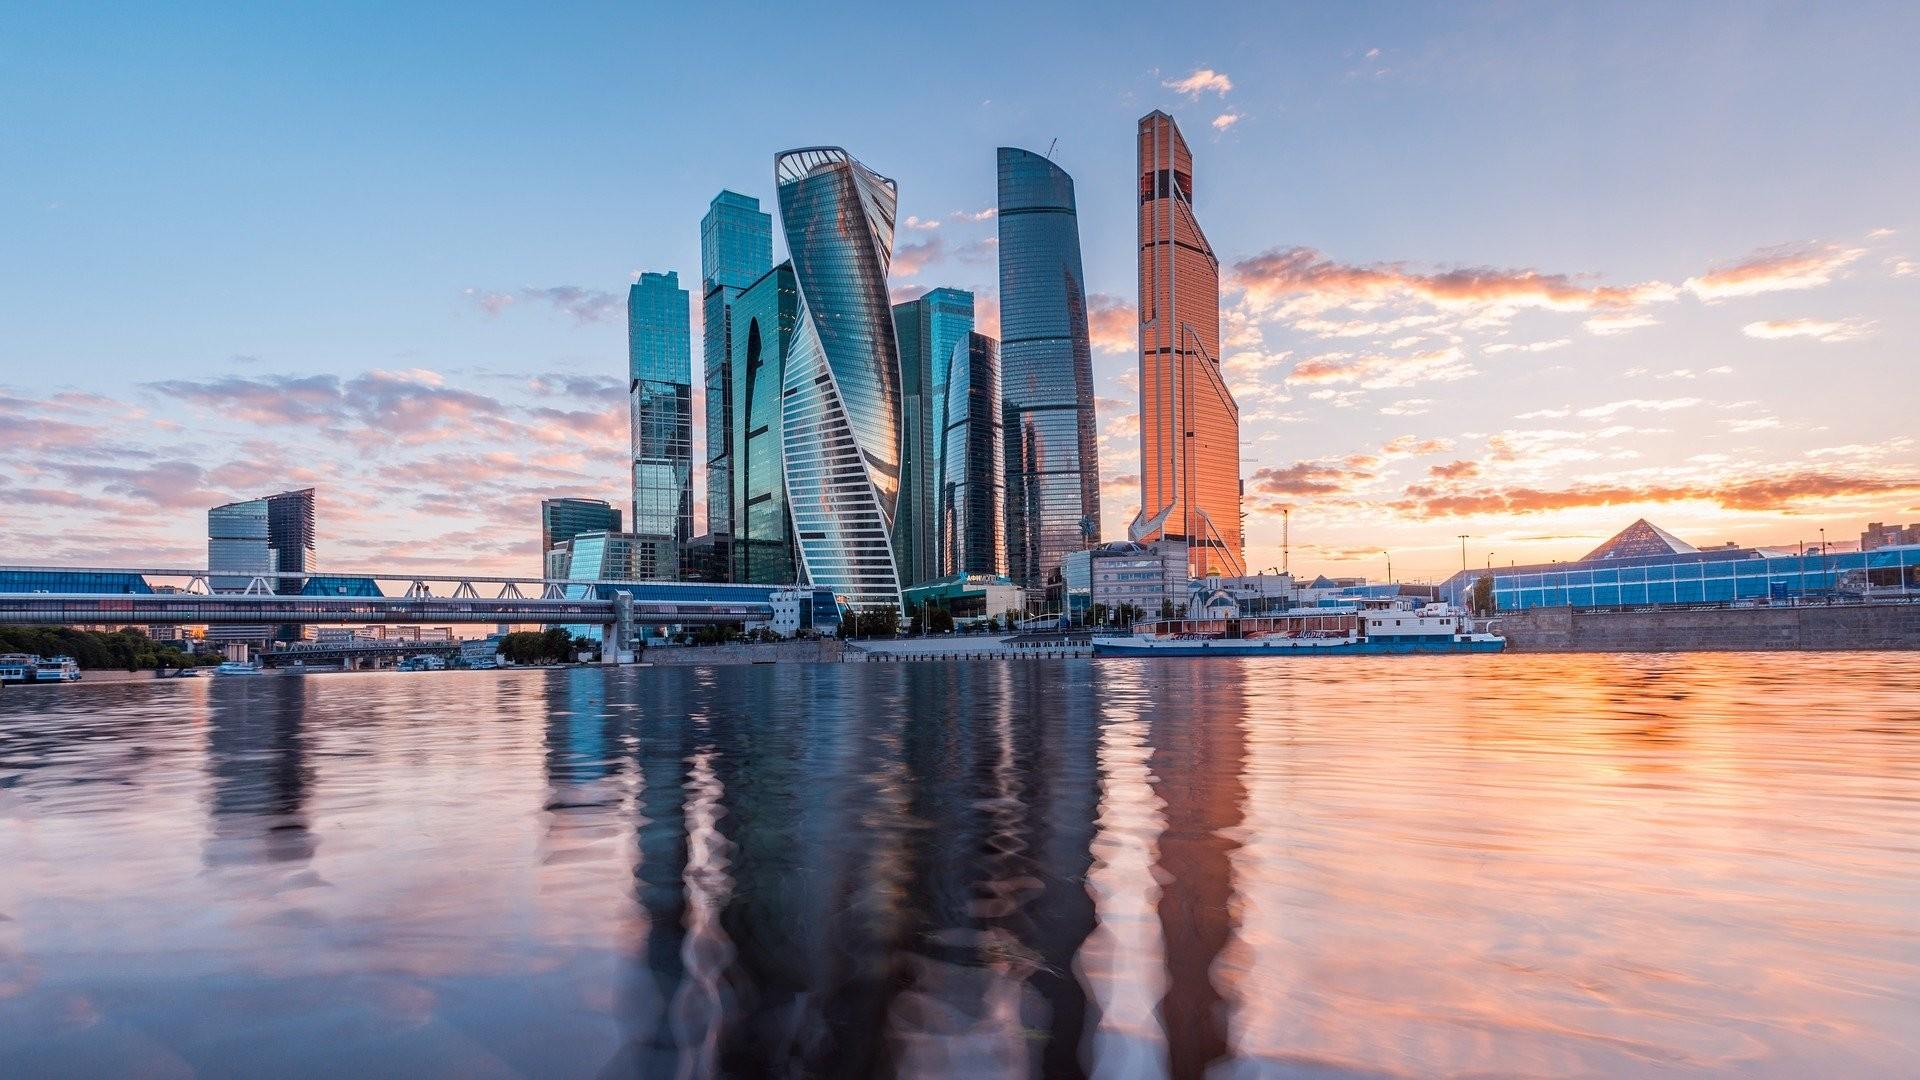 Les gratte-ciels du quartier d'affaires Moscow-City